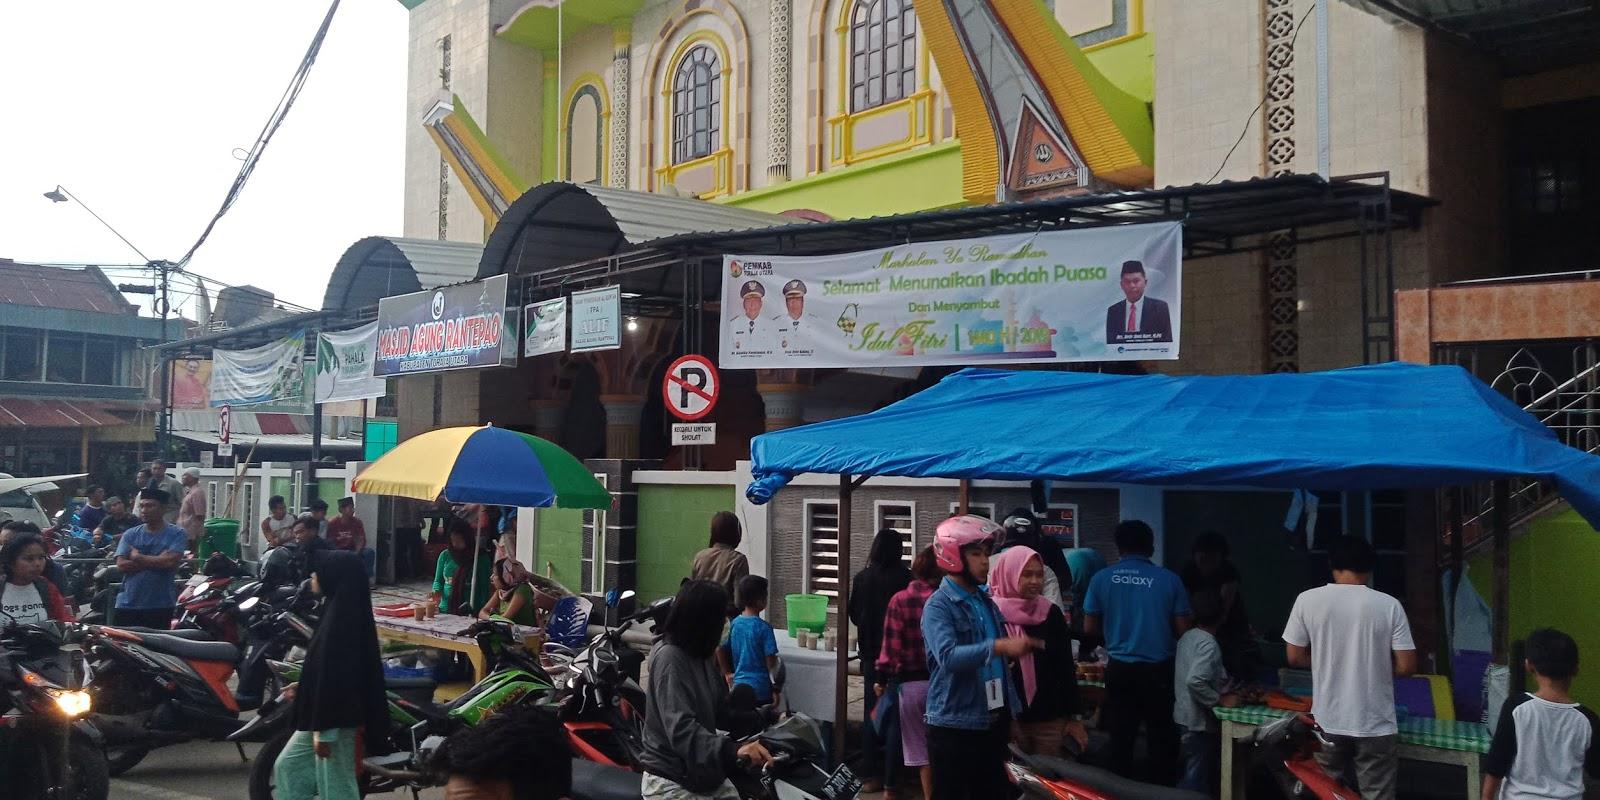 Hari Pertama Puasa, Takjil di Lokasi Masjid Raya Rantepao Jadi Serbuan